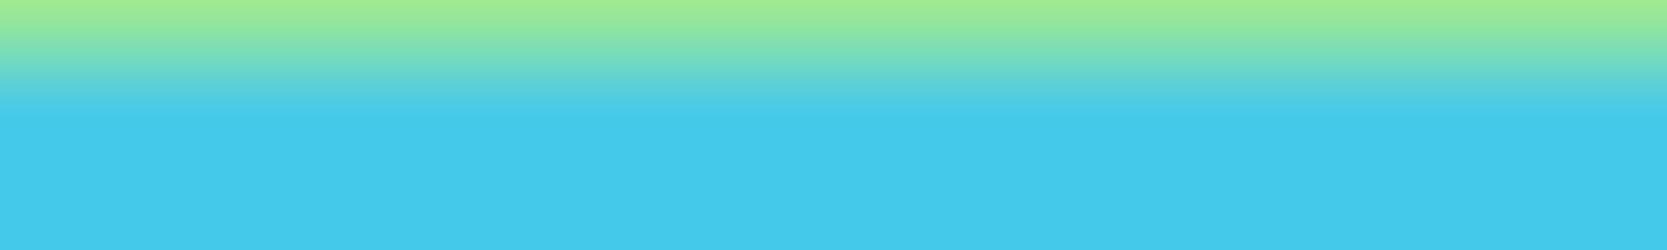 banner_bg.jpg